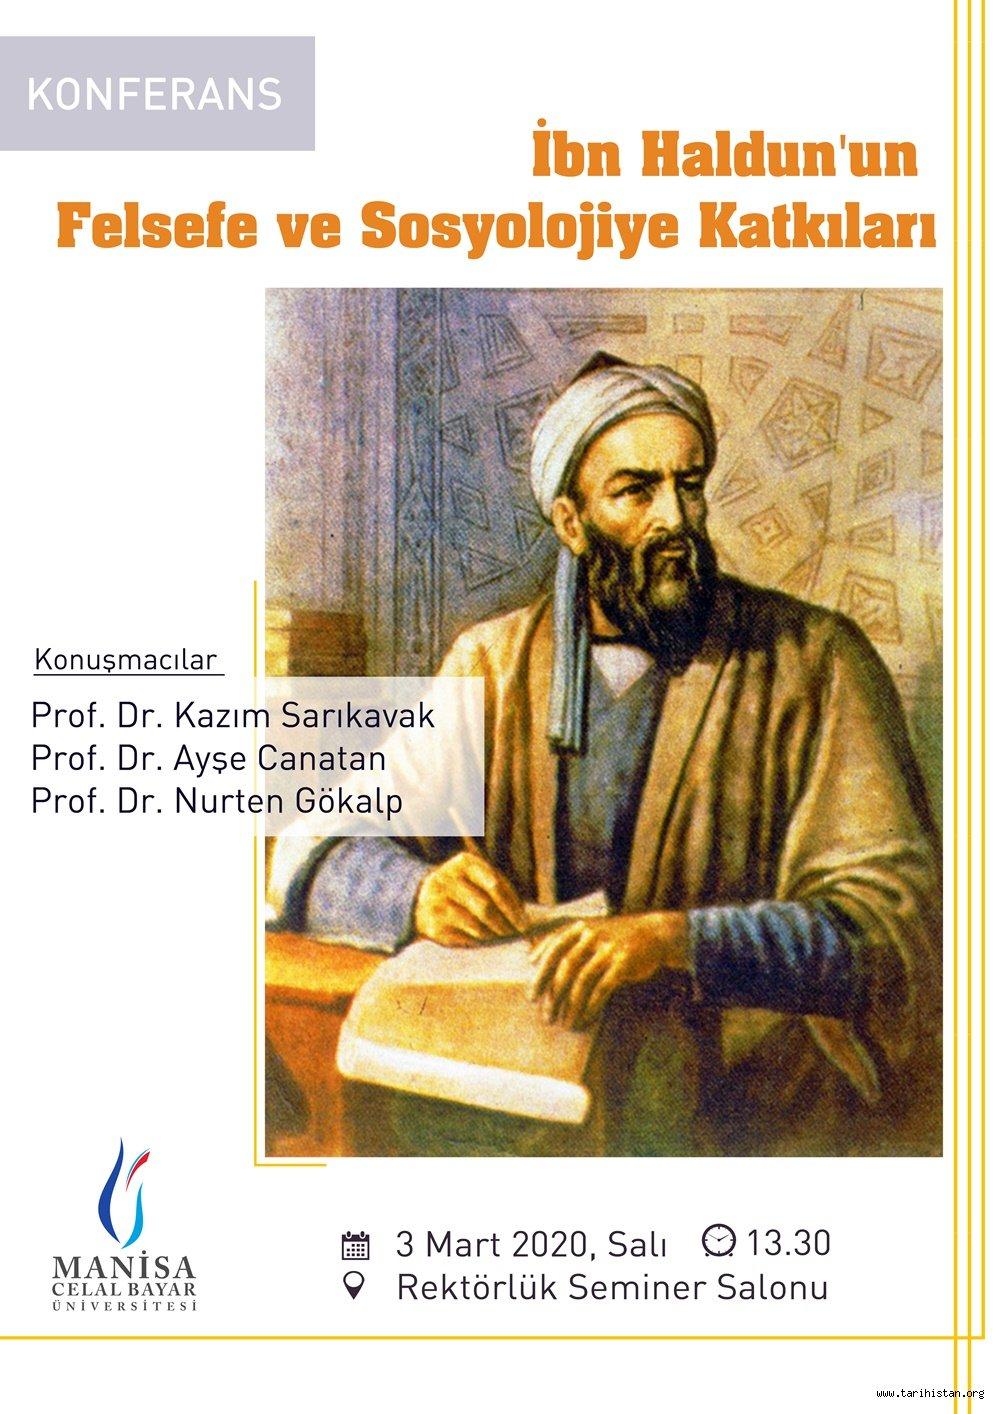 İbn Haldun'un Felsefe ve Sosyolojiye Katkıları